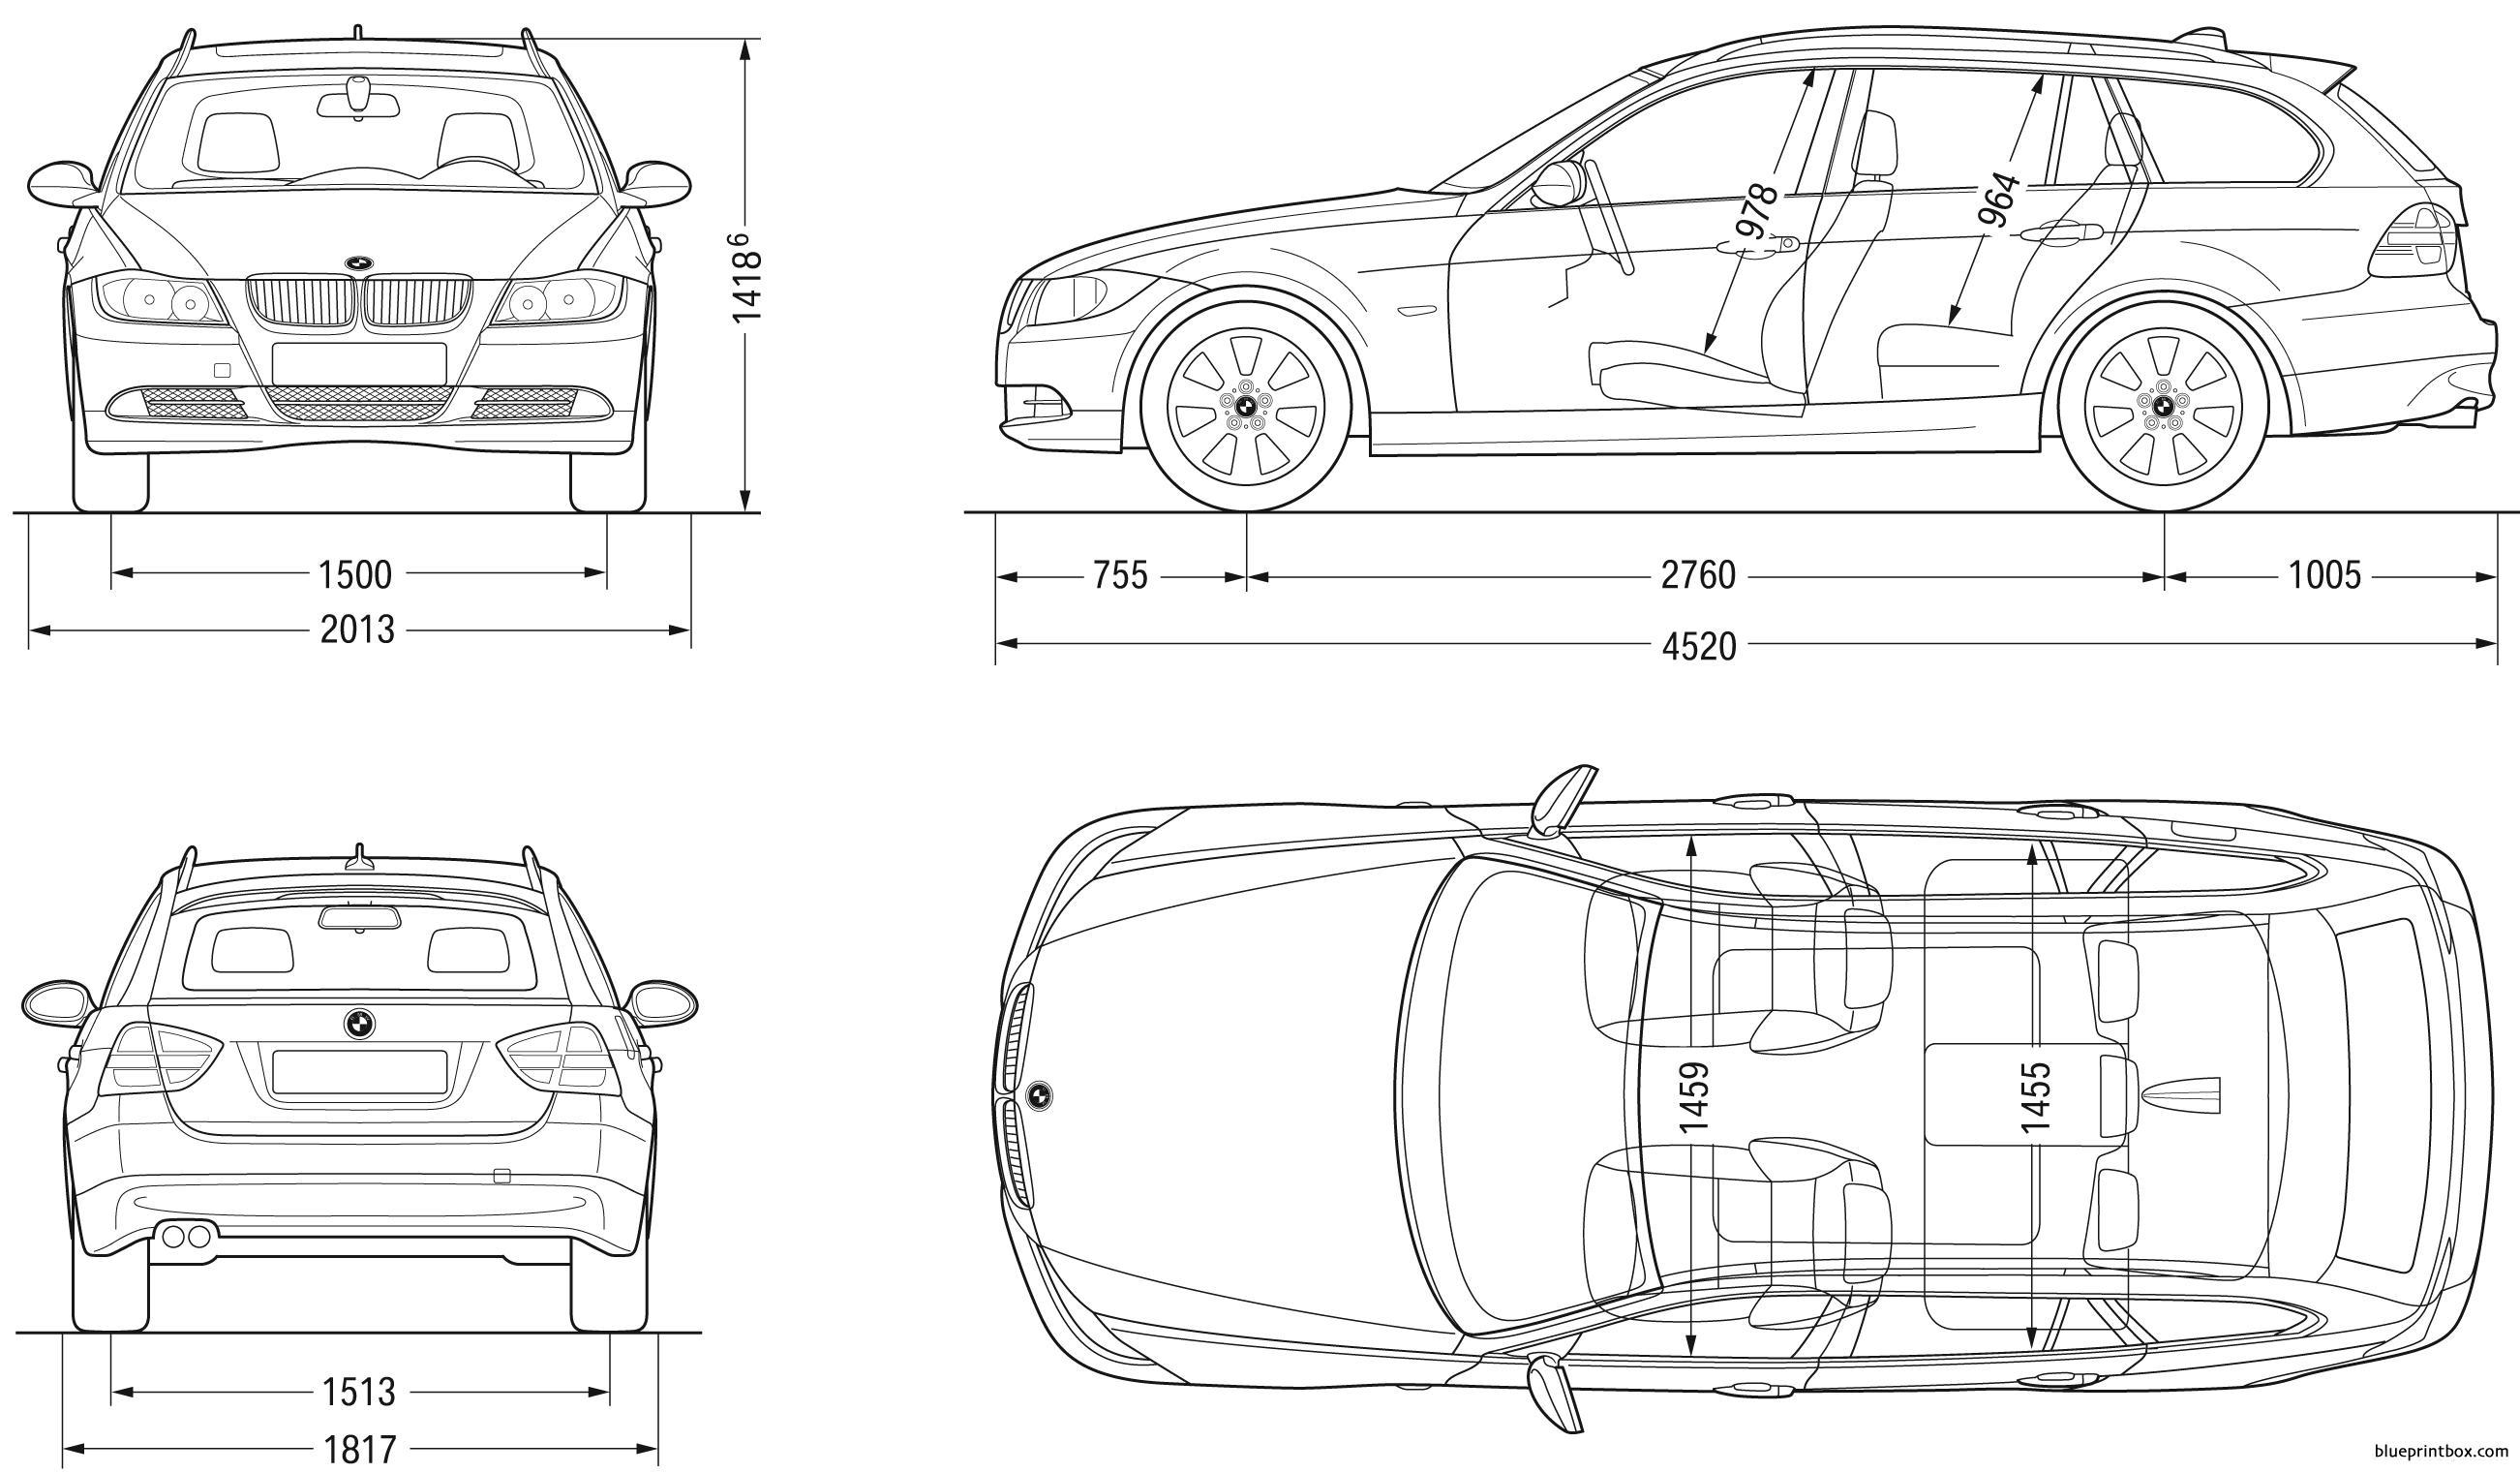 Bmw 3 Touring 2007 E91 - Blueprintbox Com